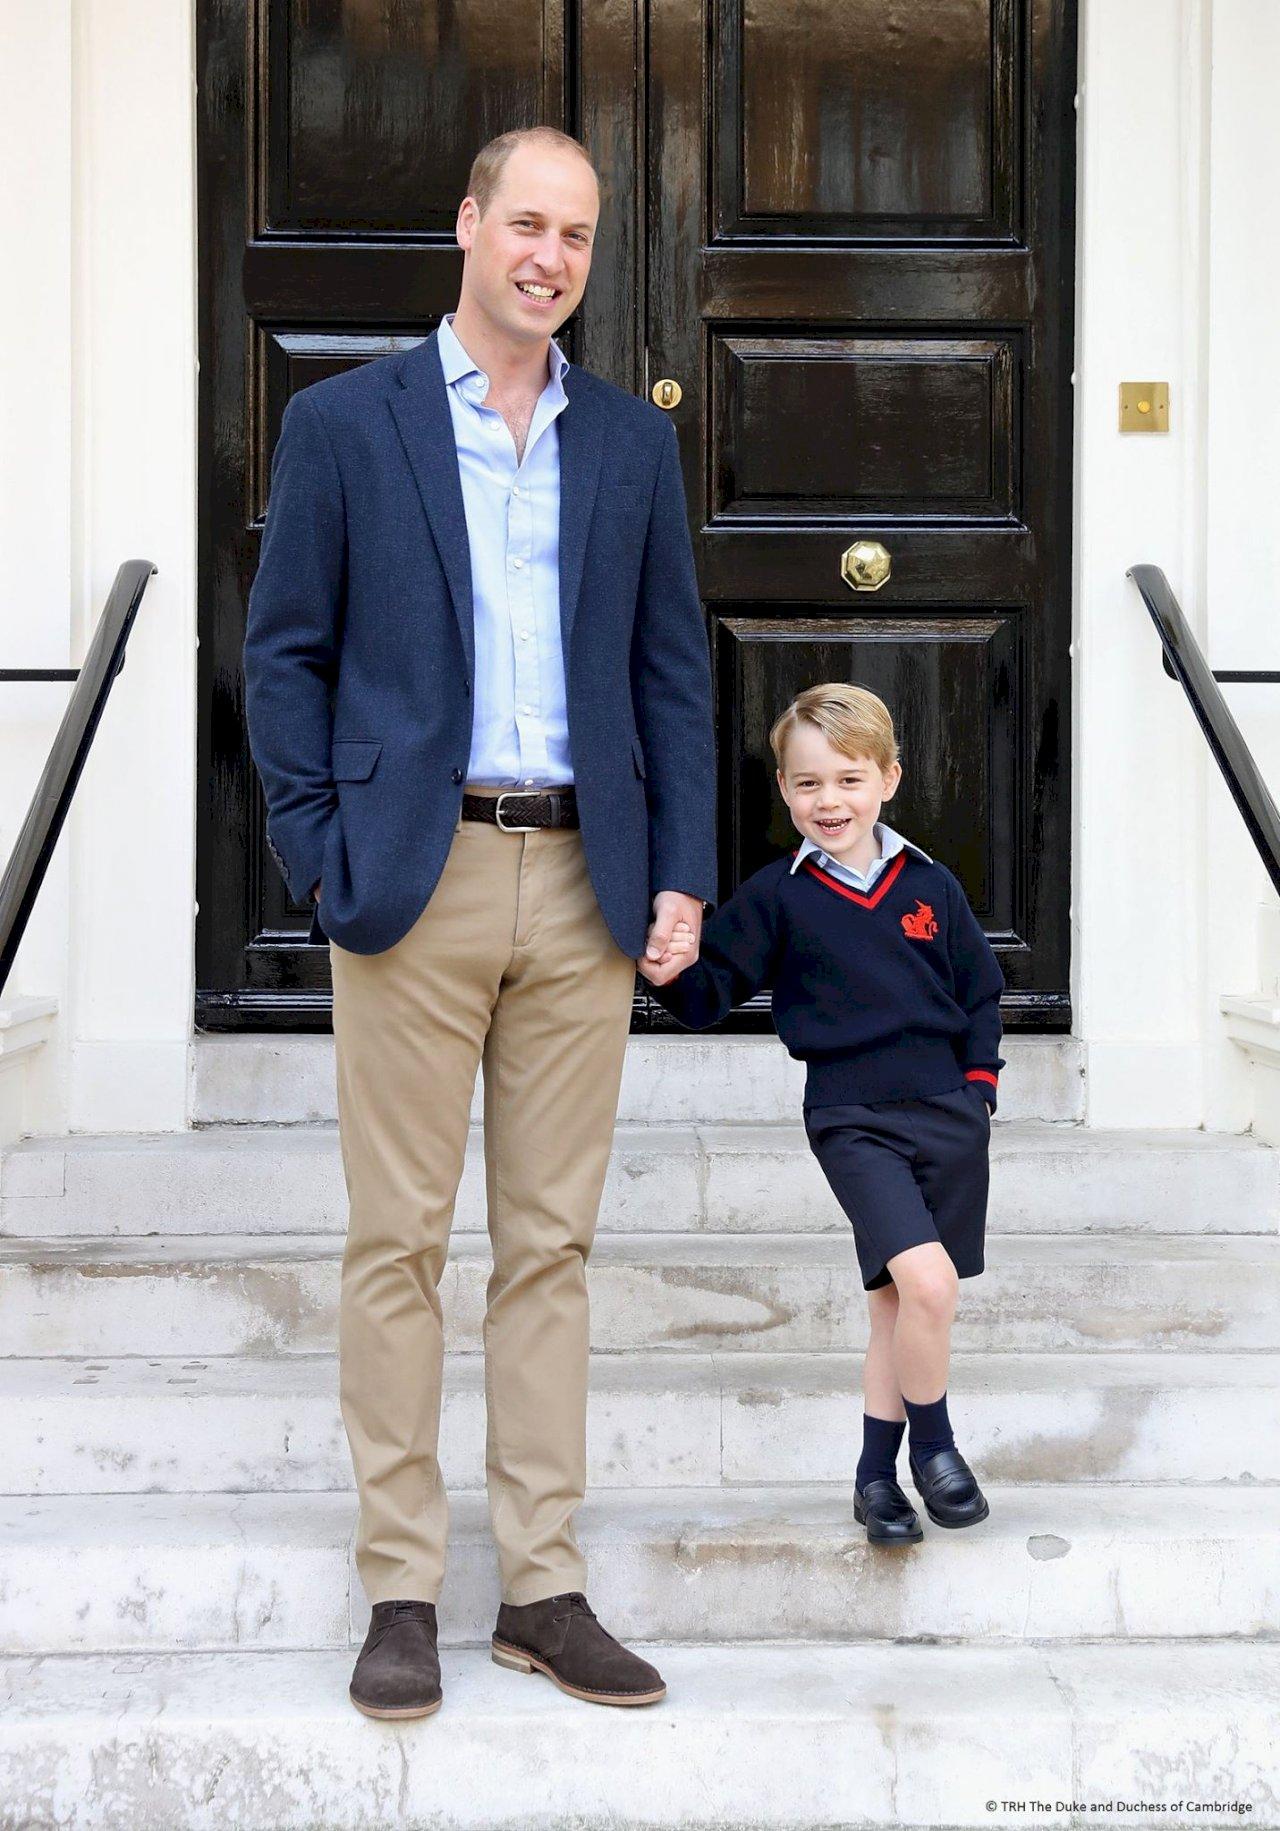 輕易遭闖 英喬治王子學校維安惹議